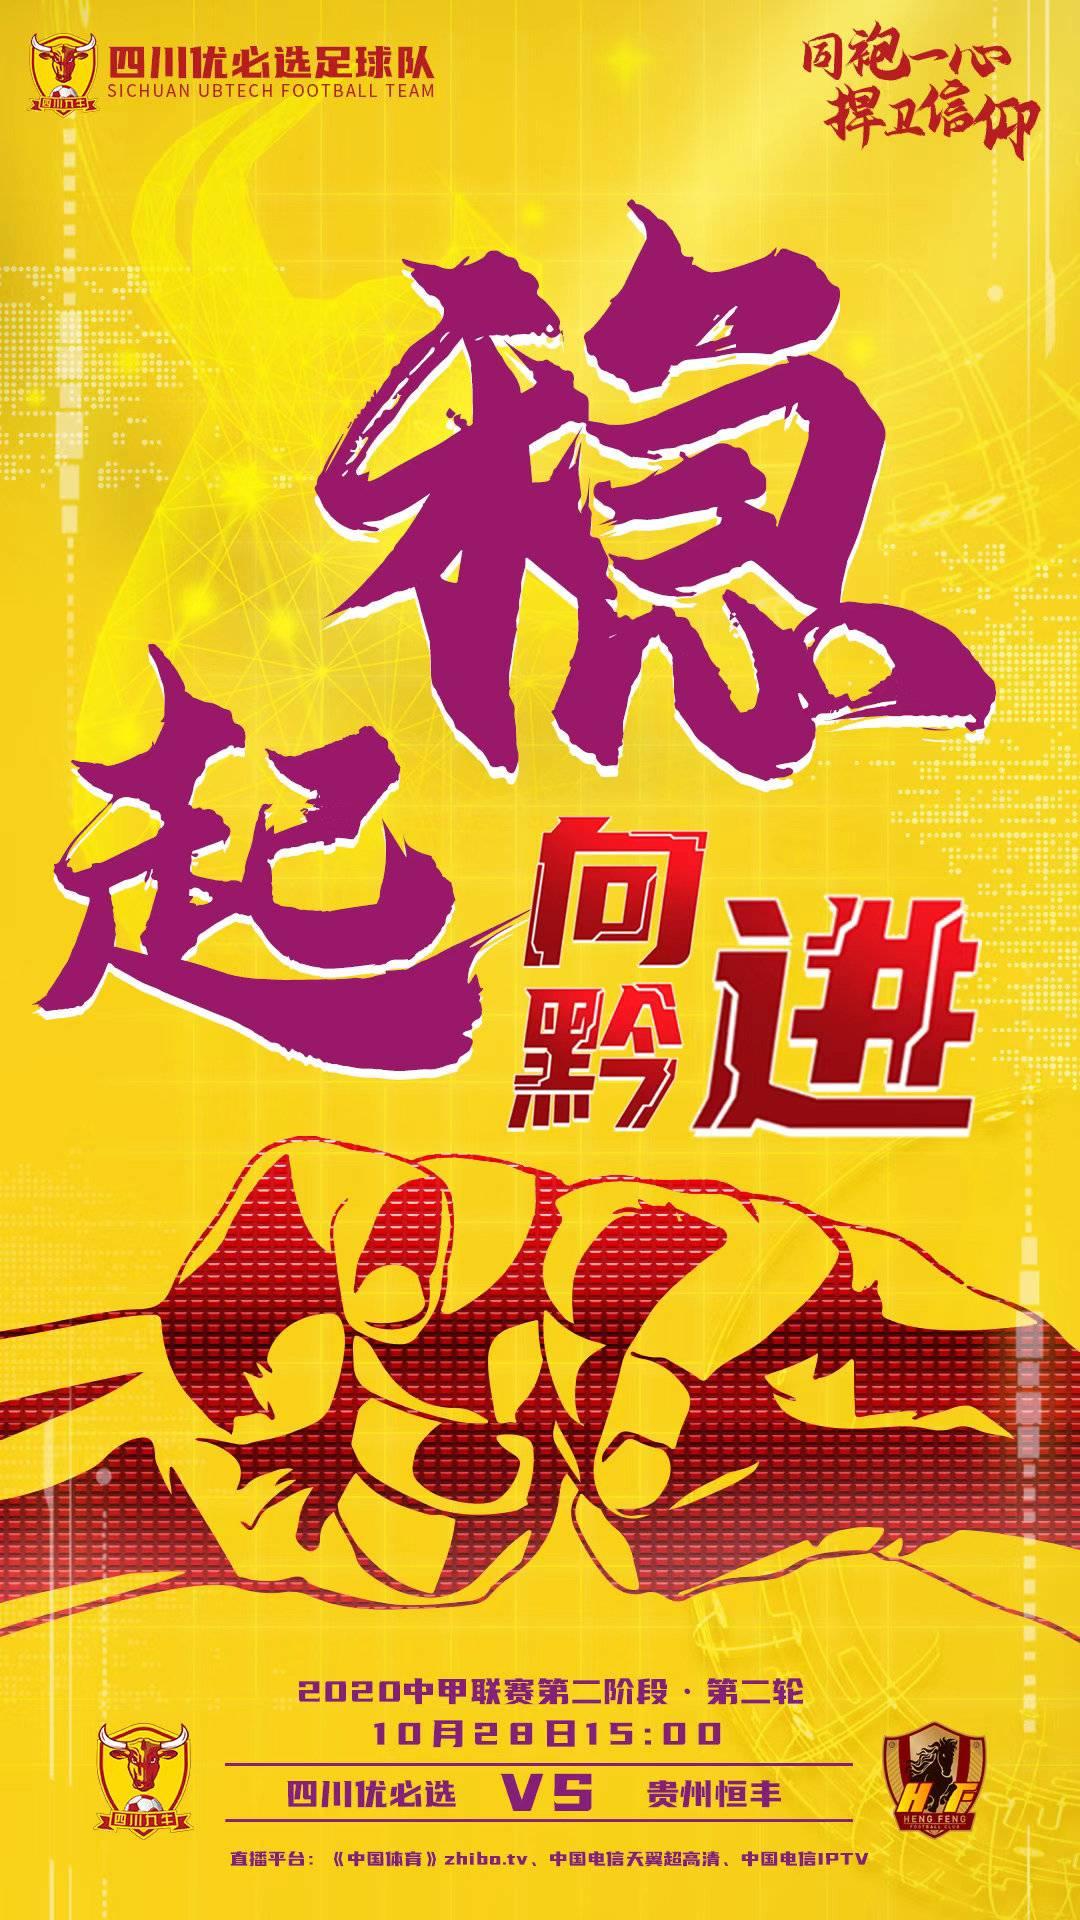 """微调球衣配色""""向黔进""""四川优必选28日保级战对阵贵州恒丰"""